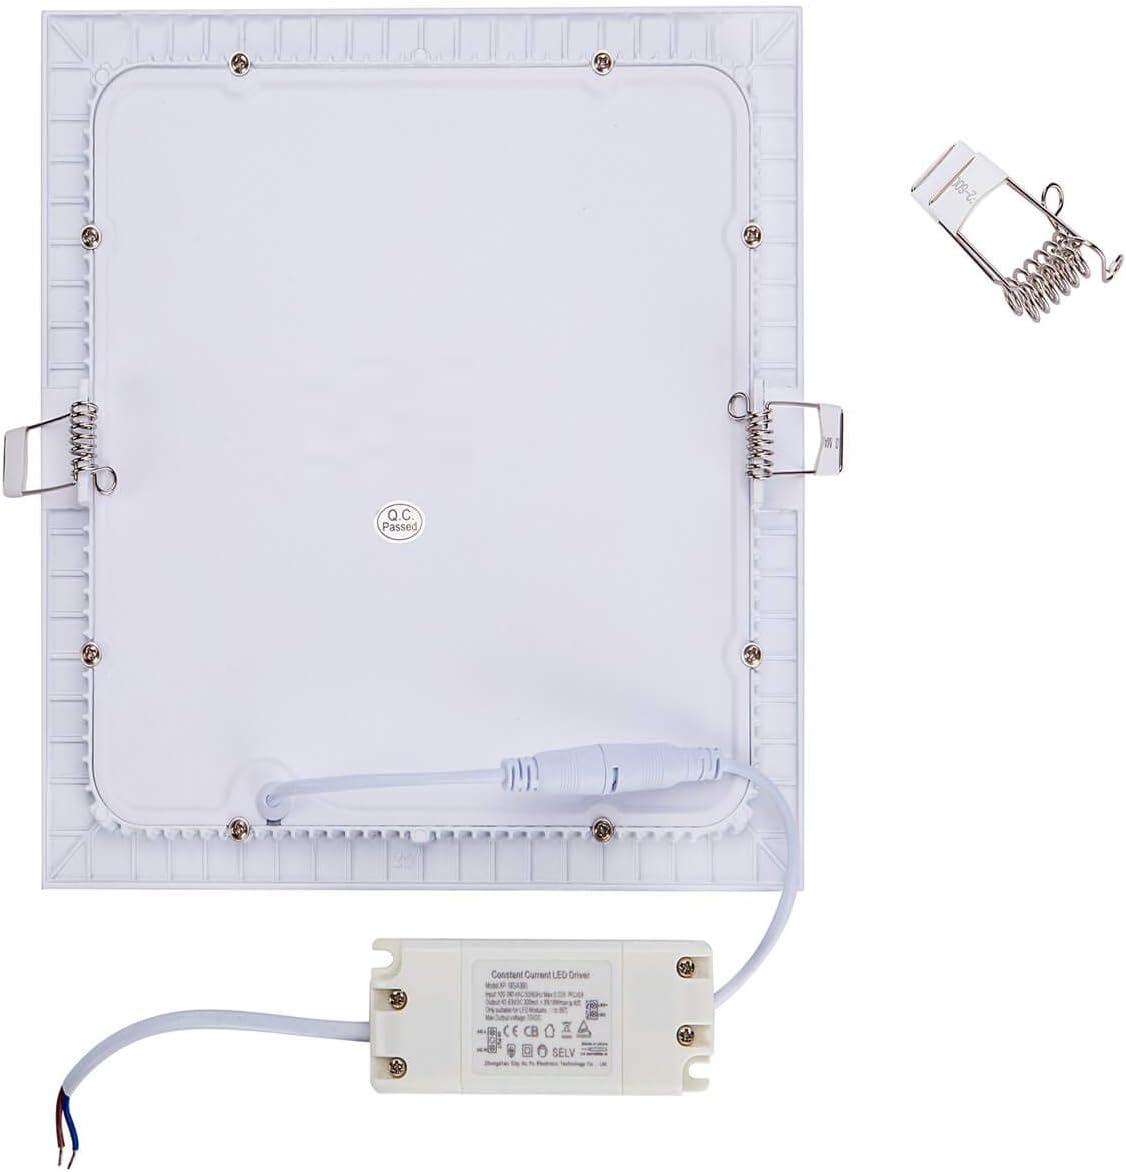 Yafido 5er Led Panel Ultra Slim Einbauleuchte 6W 3000K 480 Lumen Eckig Spot Deckenlampe Warmweiß Super Flach Einbaustrahler mit Teriber 230V Nicht-dimmbar Ø120 x 11 mm Warmweiß